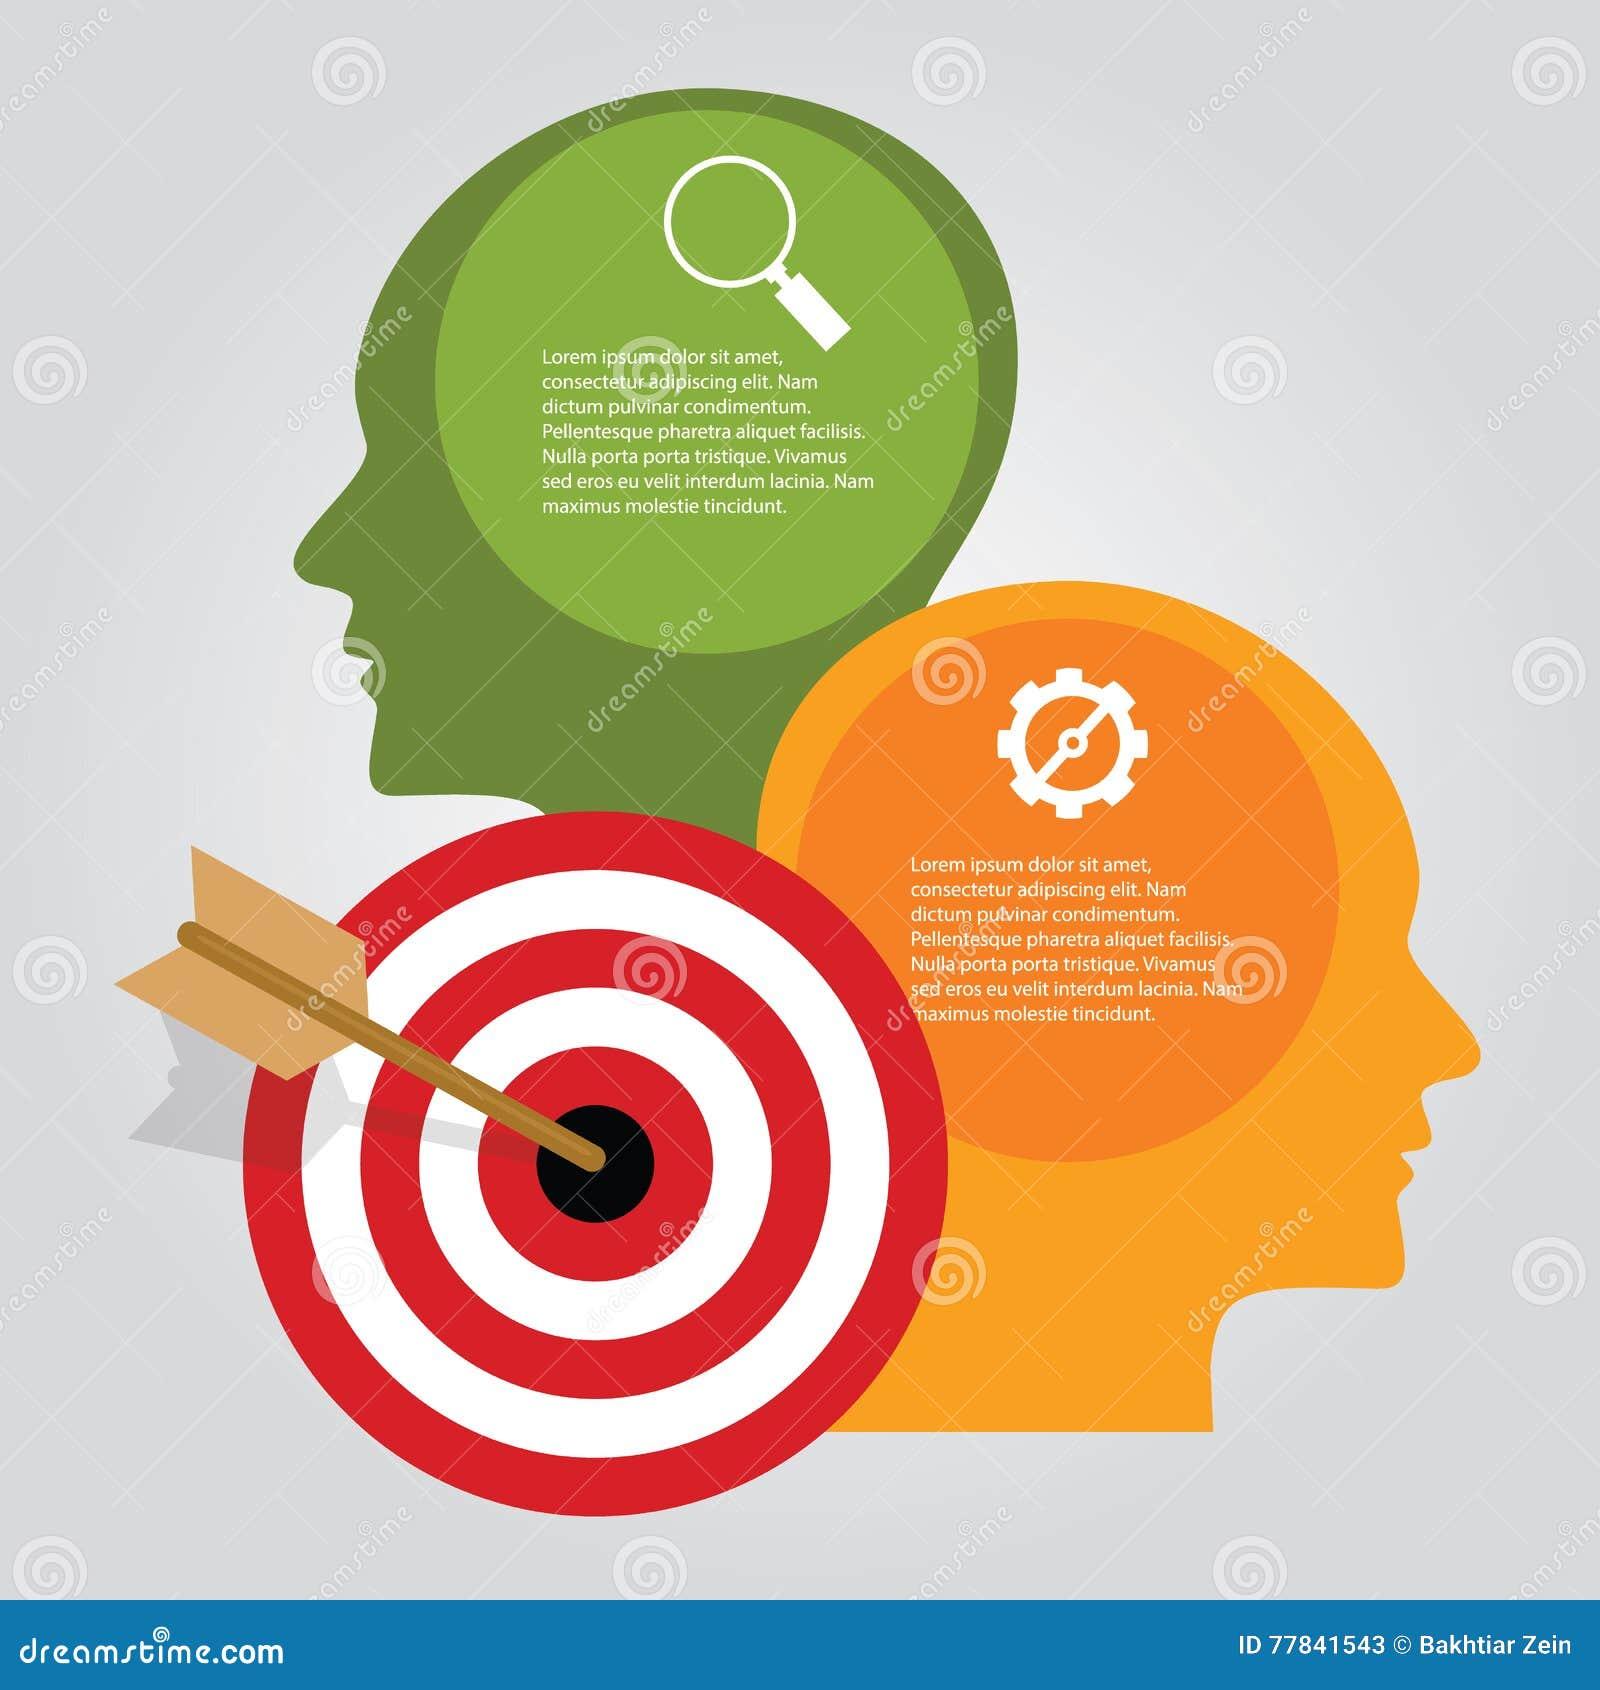 El concepto infographic de la flecha del tablero de dardo de la blanco del negocio de logro de las metas dirige el pensamiento